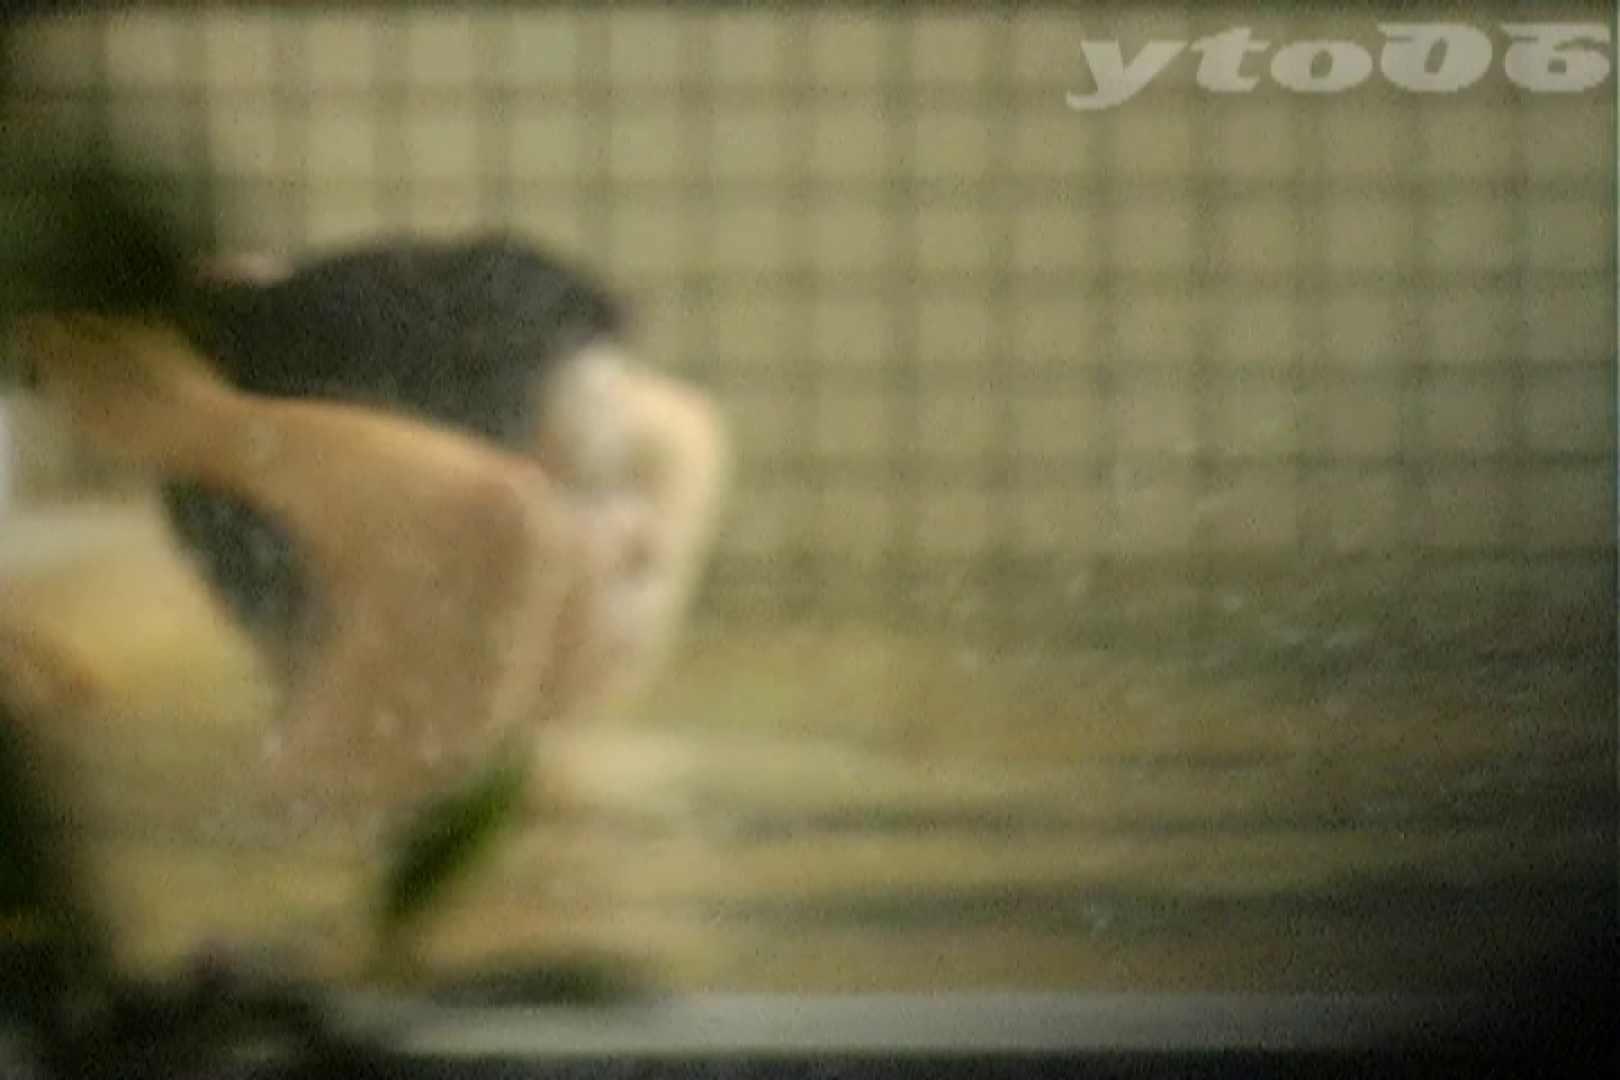 ▲復活限定▲合宿ホテル女風呂盗撮 Vol.34 女風呂 性交動画流出 80連発 5